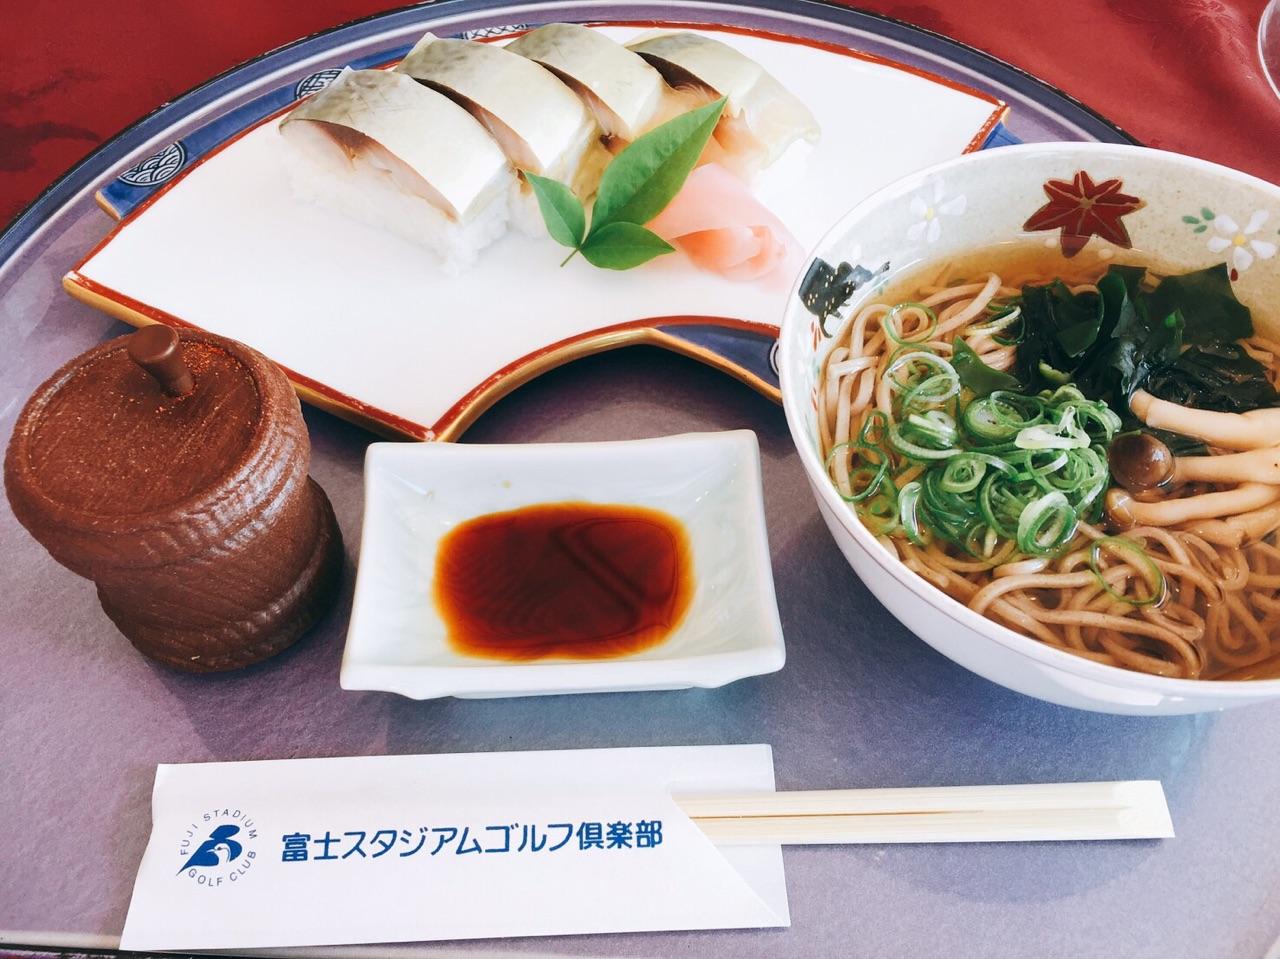 鯖寿司と半たまそば 昼食券+380円